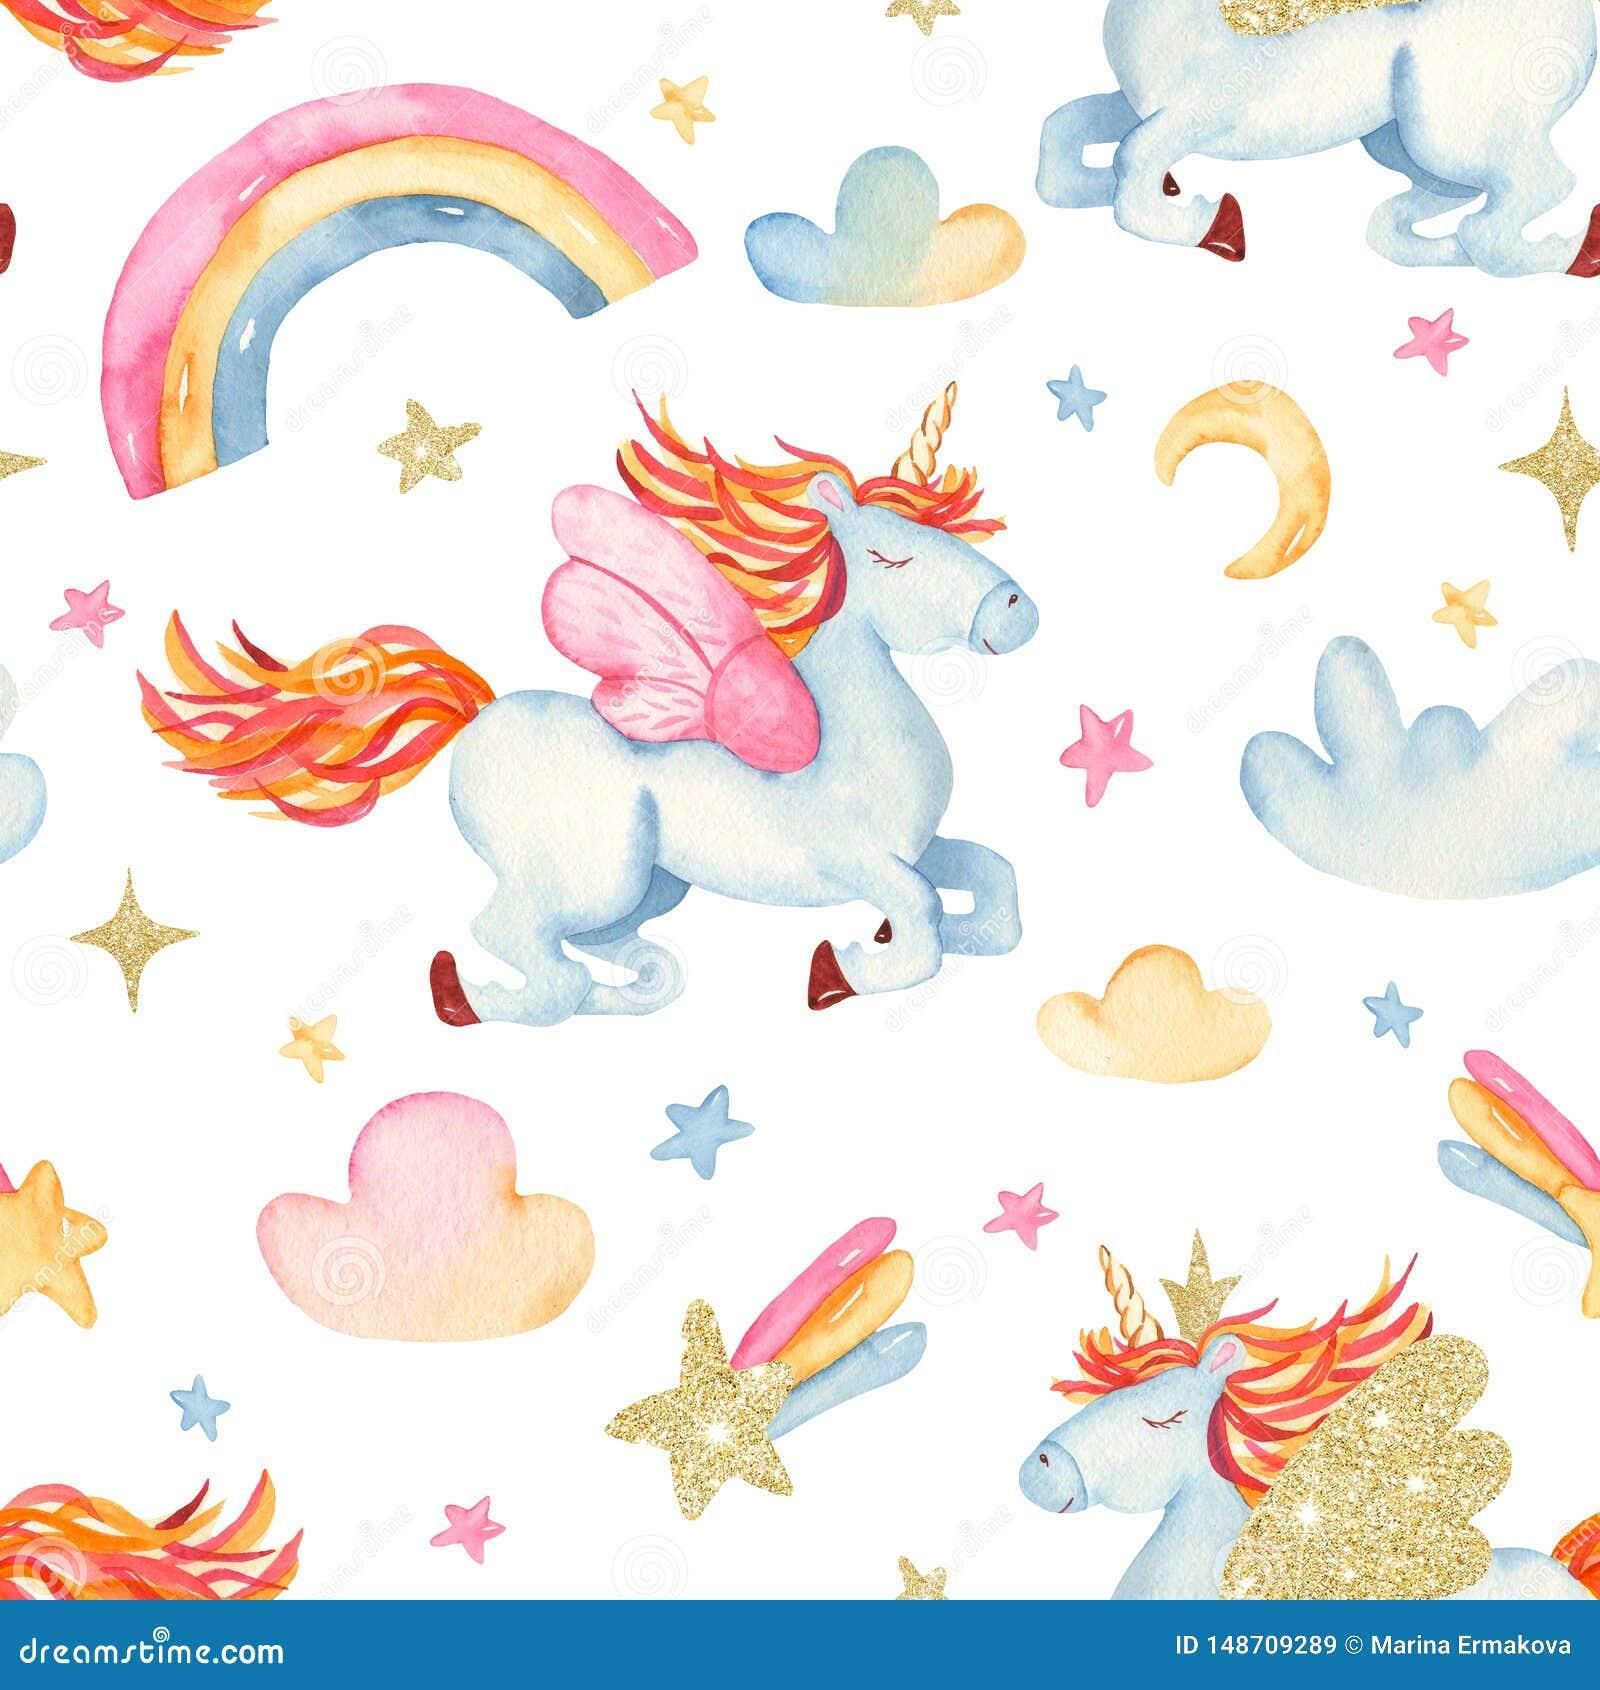 Nahtloses Muster des Aquarells mit romantischem Einhorn der netten Karikatur, Regenbogen, Sterne, Wolken